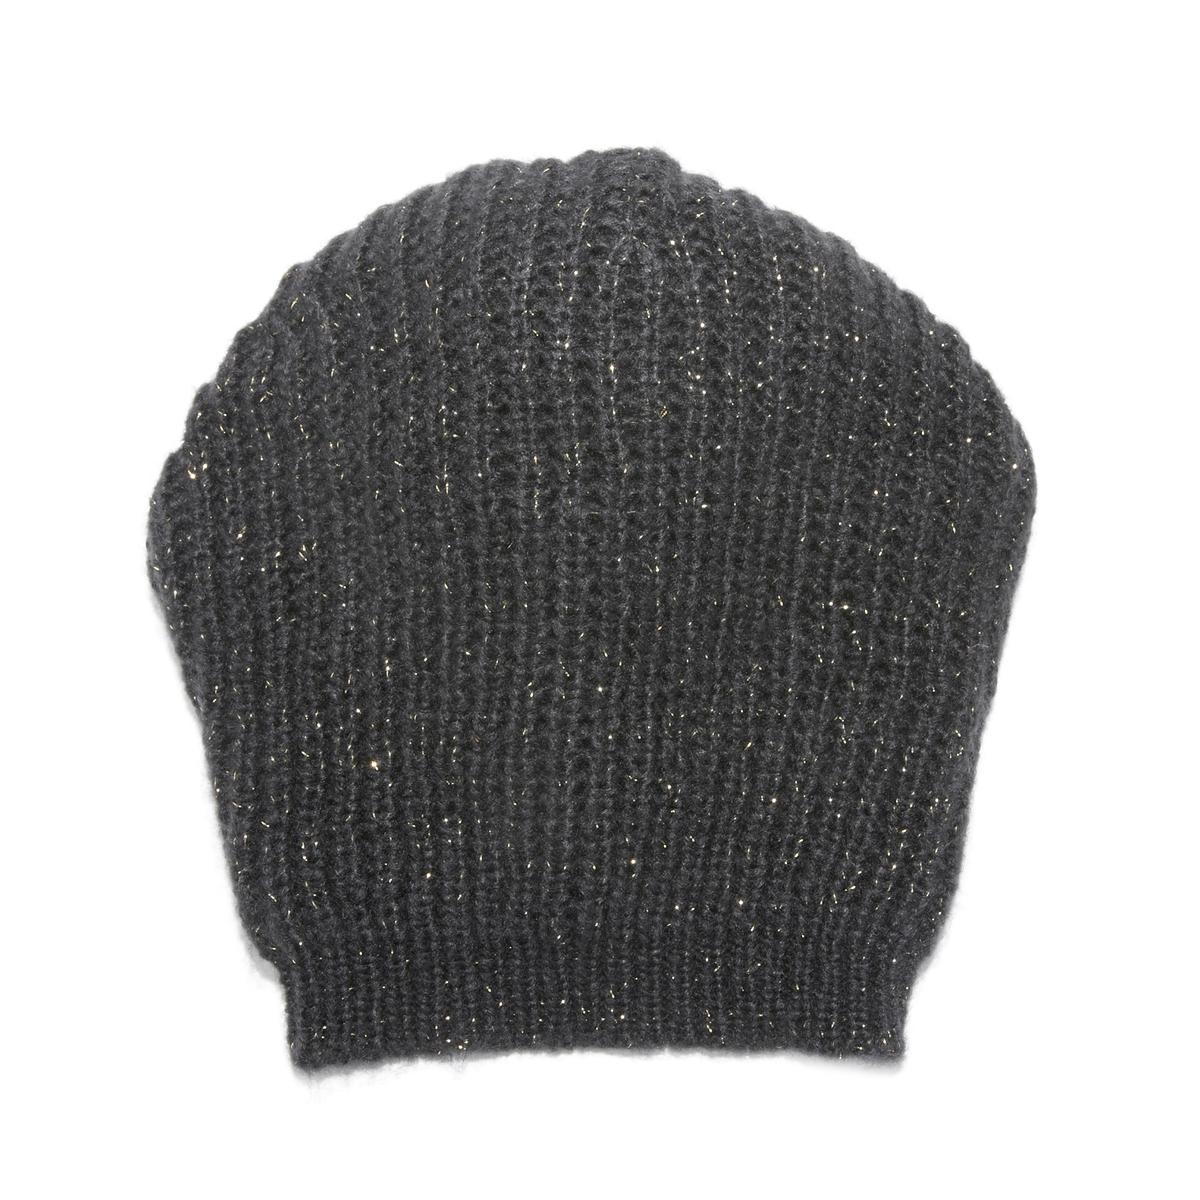 Шапка из трикотажа с волокнами с металлическим блеском облегающая шапка с металлическим декором gaudi облегающая шапка с металлическим декором